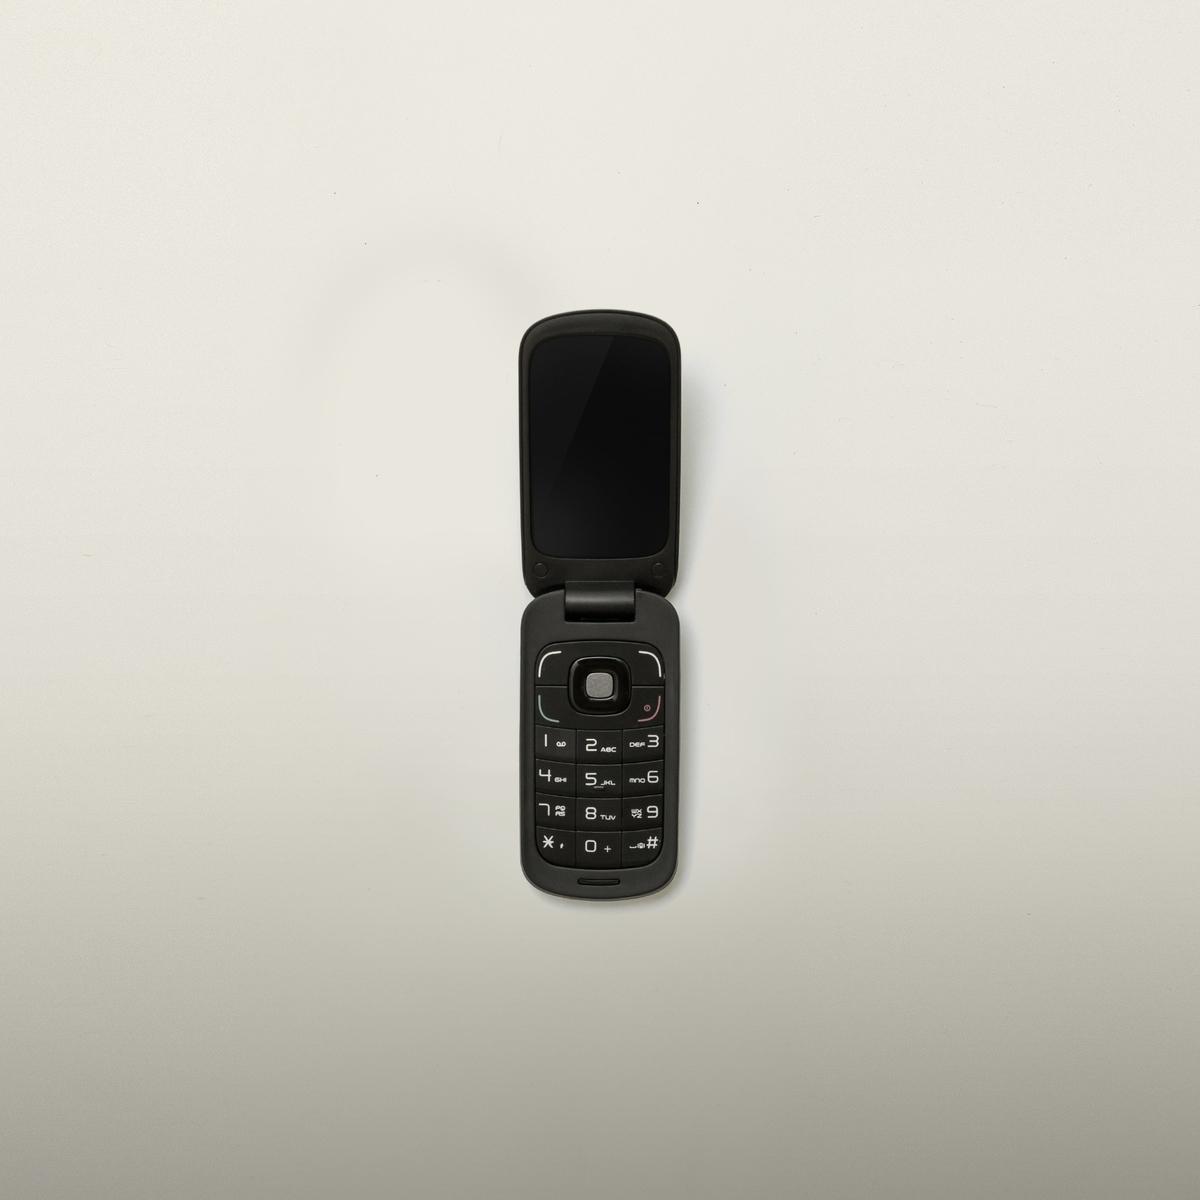 ガラケー、折りたたみ携帯電話の画像